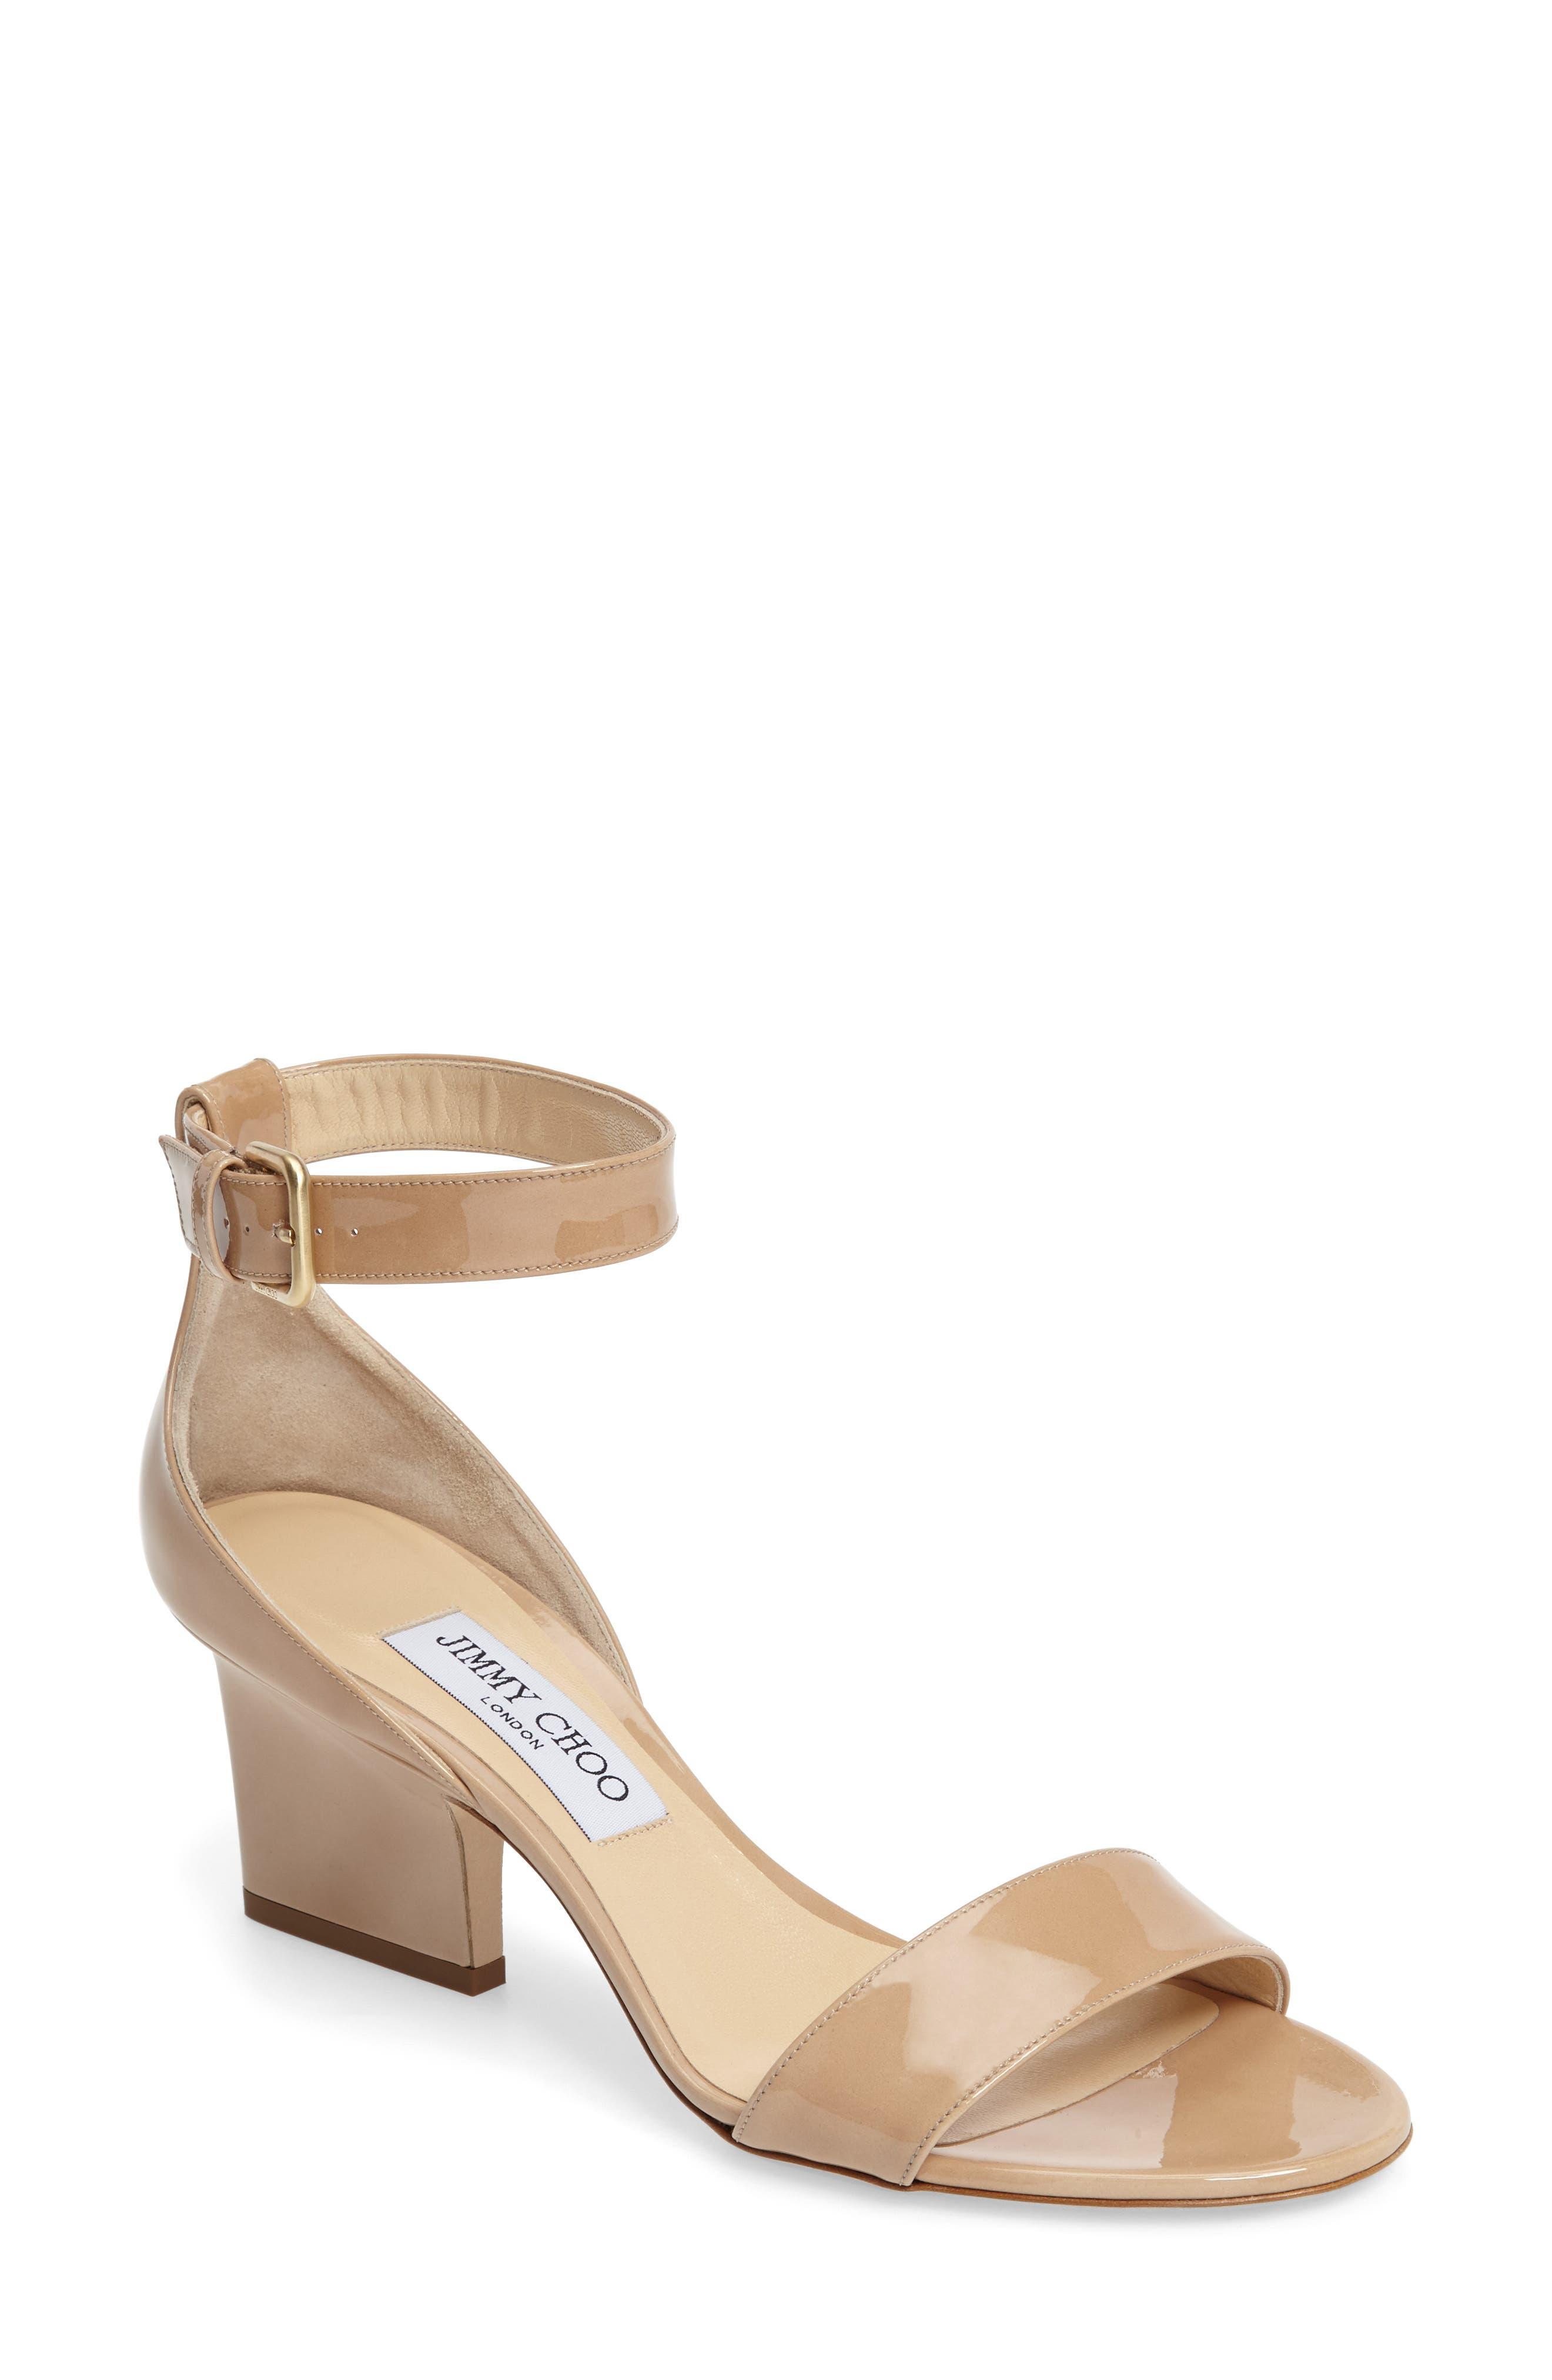 Edina Ankle Strap Sandal,                             Main thumbnail 1, color,                             Nude Patent